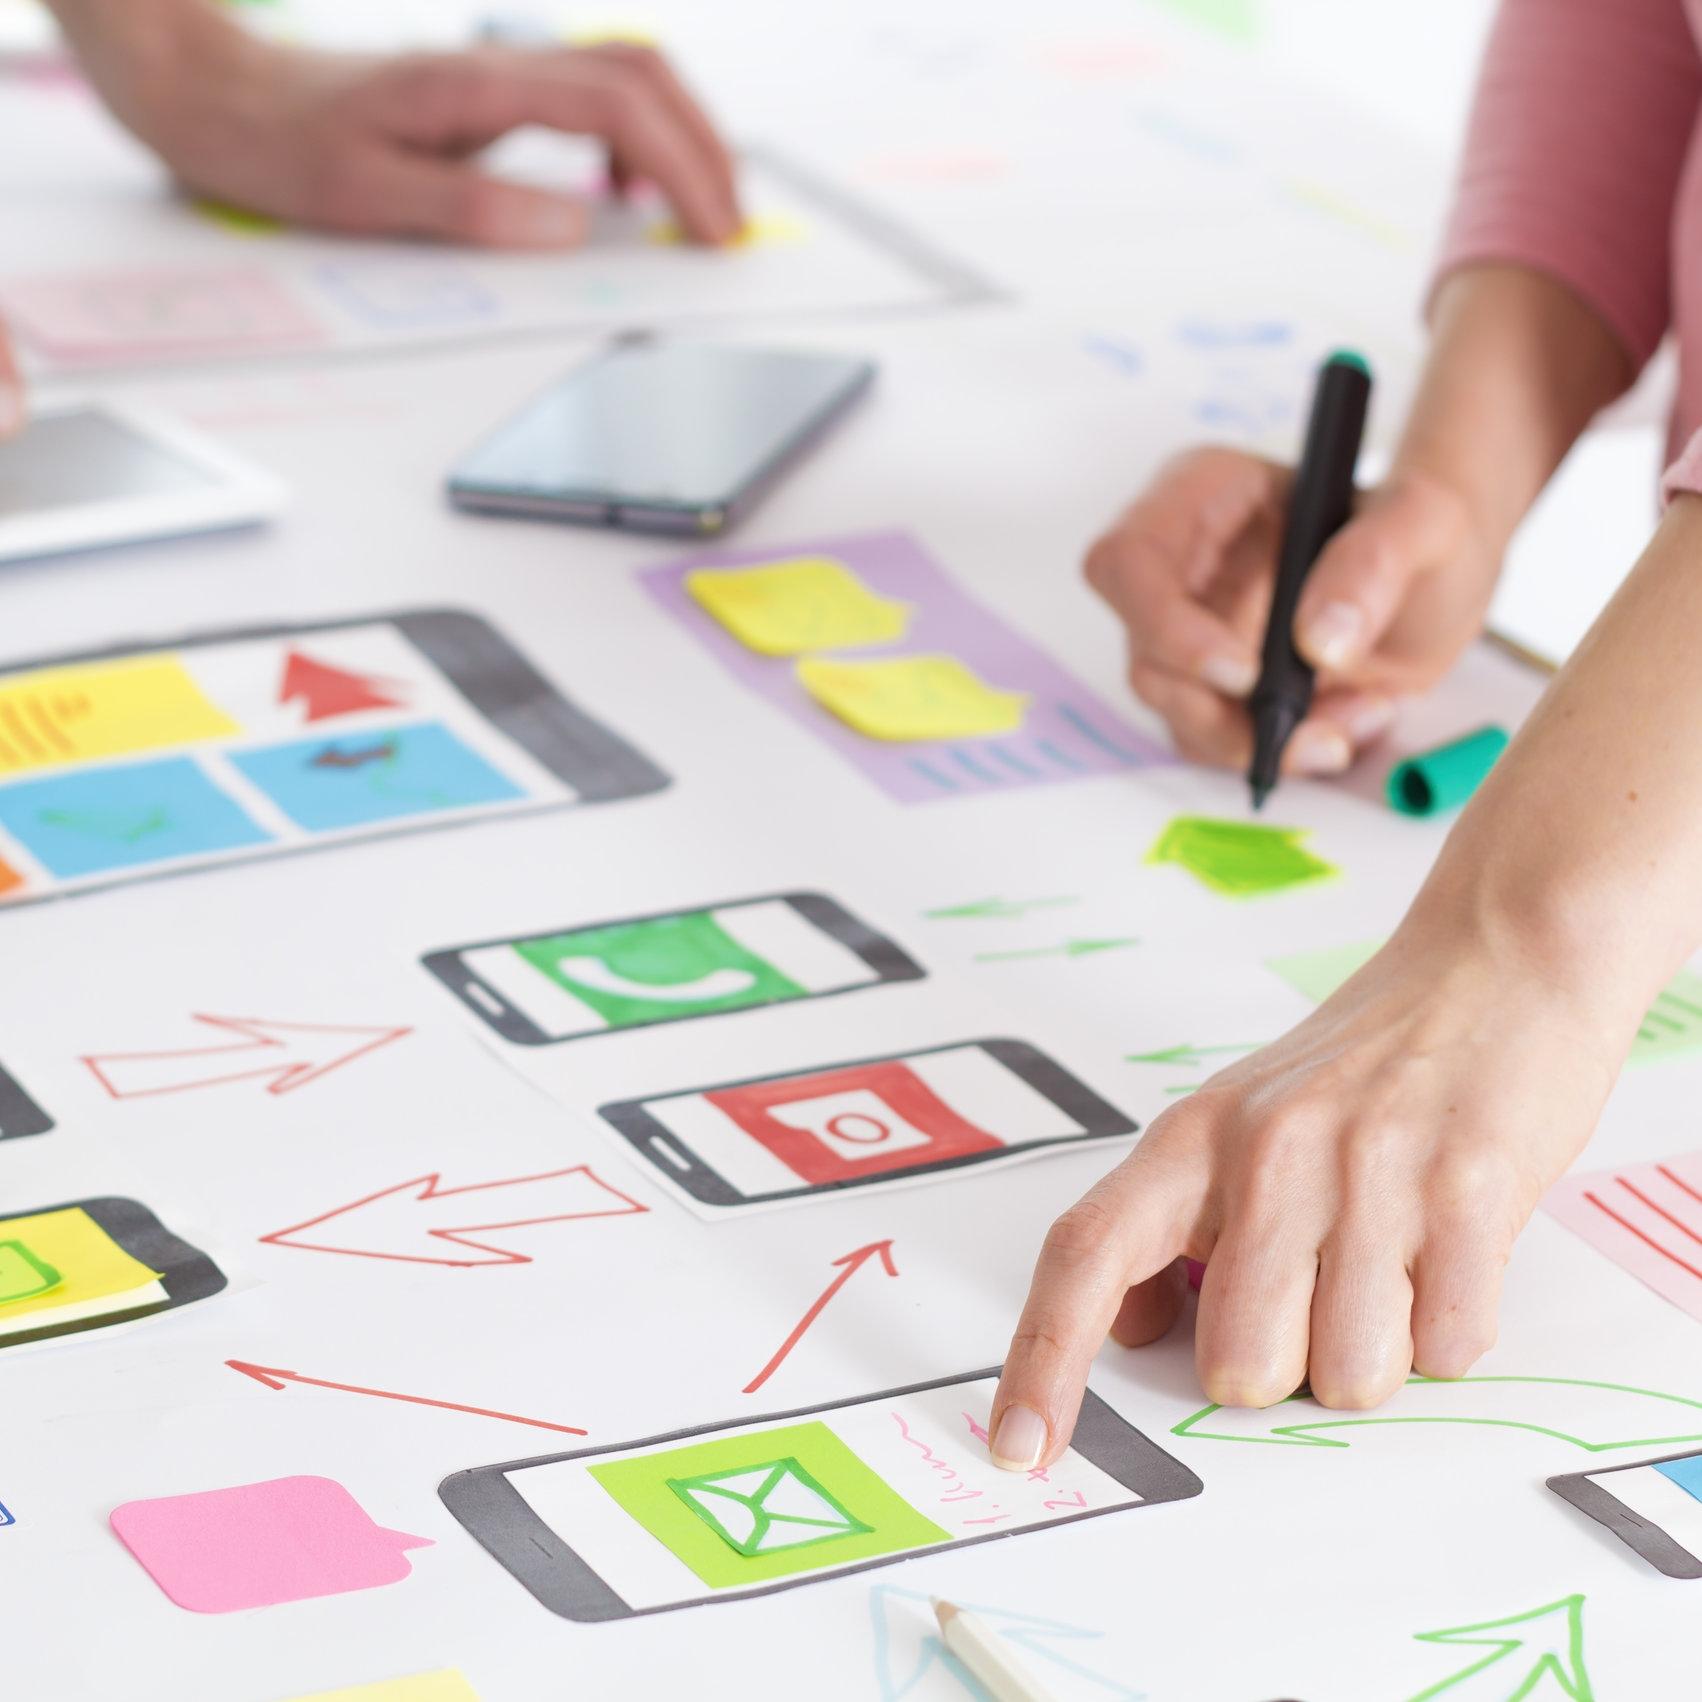 SERVICIOS - FRANCISCANA es un estudio de innovación y diseño de negocios especializado en Design Sprints.Ofrecemos diferentes soluciones para resolver distintos retos de negocio. Todas nuestras propuestas trabajan sobre la base de la metodología Design Sprint asegurando que los equipos trabajen mejor, más rápido y juntos para resolver el problema al que se enfrenta la empresa y definir un plan de acción claro.